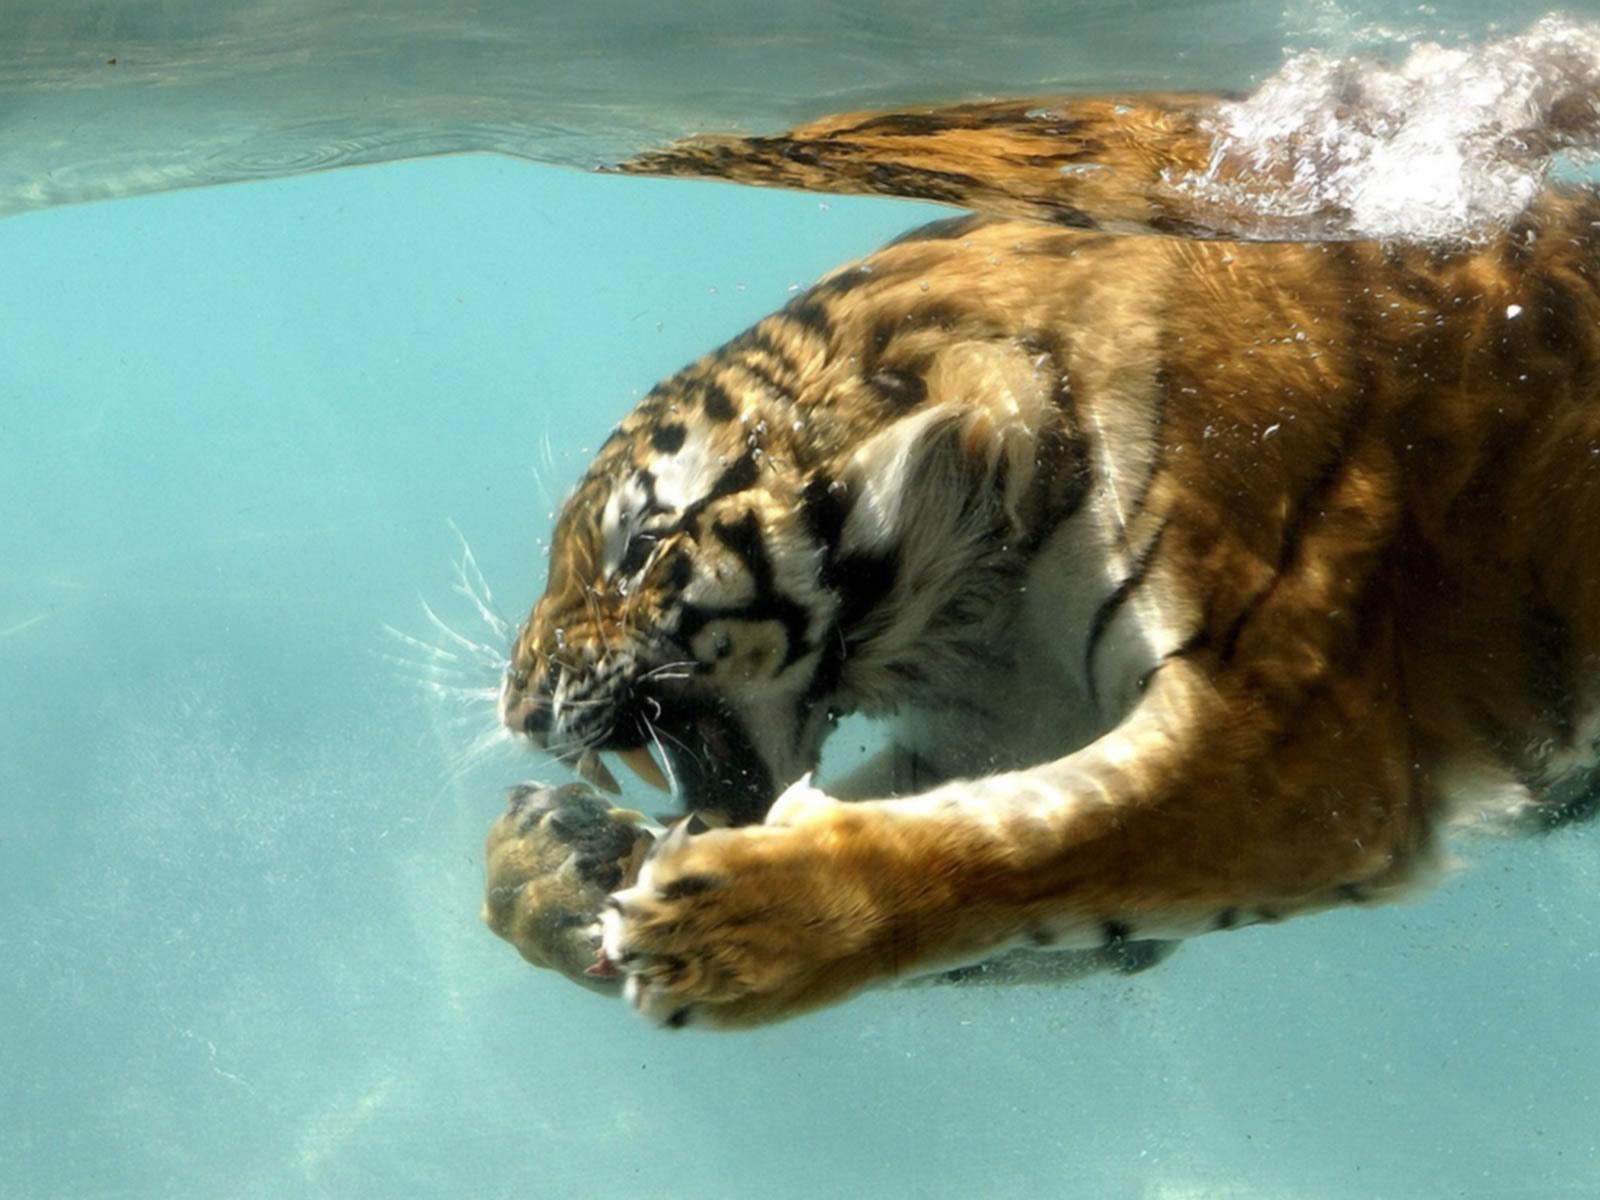 10 Top Cute Wild Animal Wallpaper Full Hd 1080p For Pc: En Güzel HD Masaüstü Kaplan Resimleri